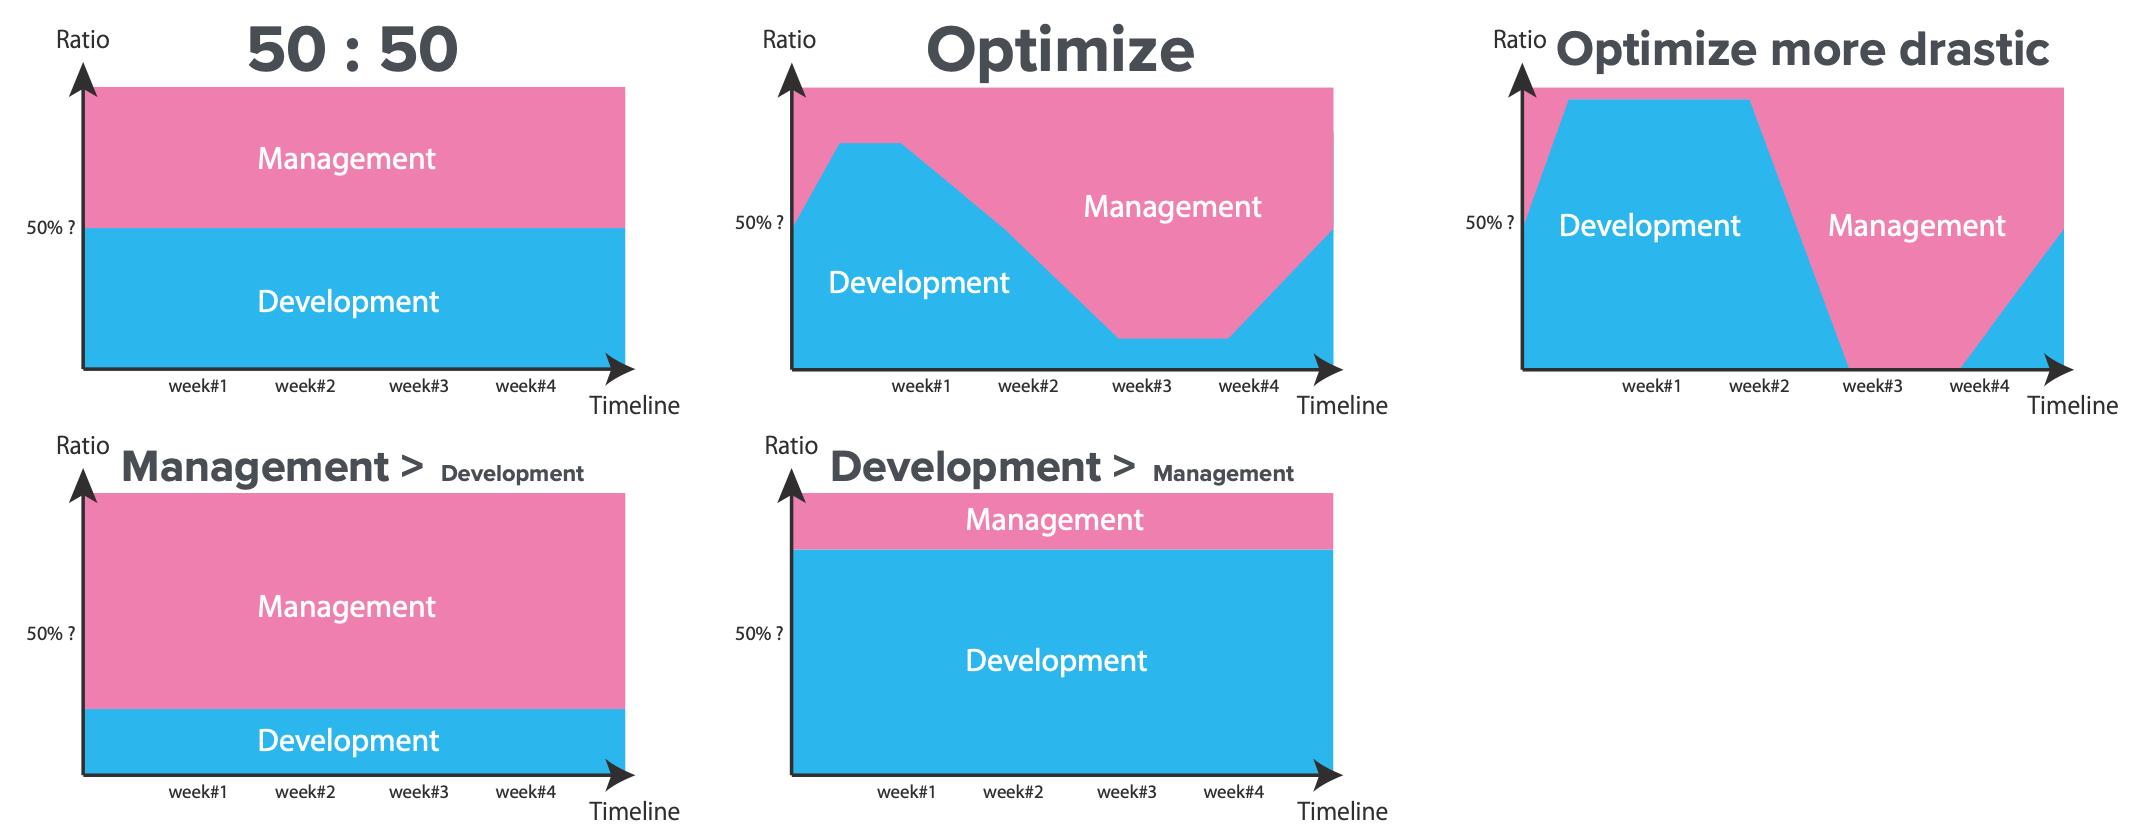 LeadershipとHands-onにかける比重(ここではManagementとDevelopmentとなっていますが)